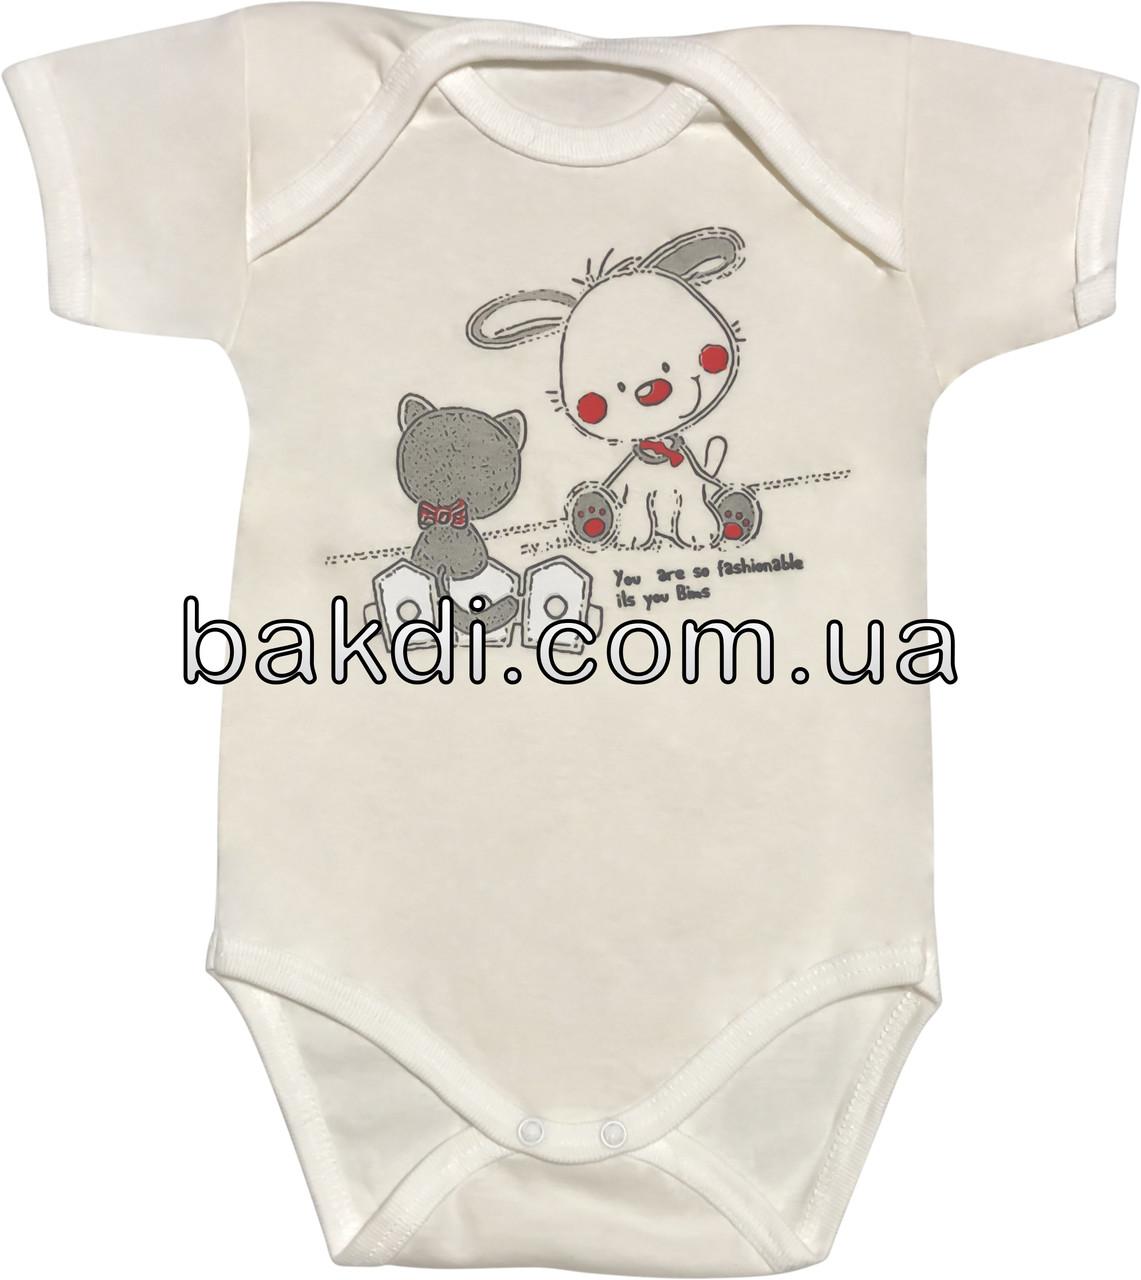 Дитяче літнє тонке боді ріст 56 0-2 міс бавовняне кулір молочне на хлопчика дівчинку бодік з коротким